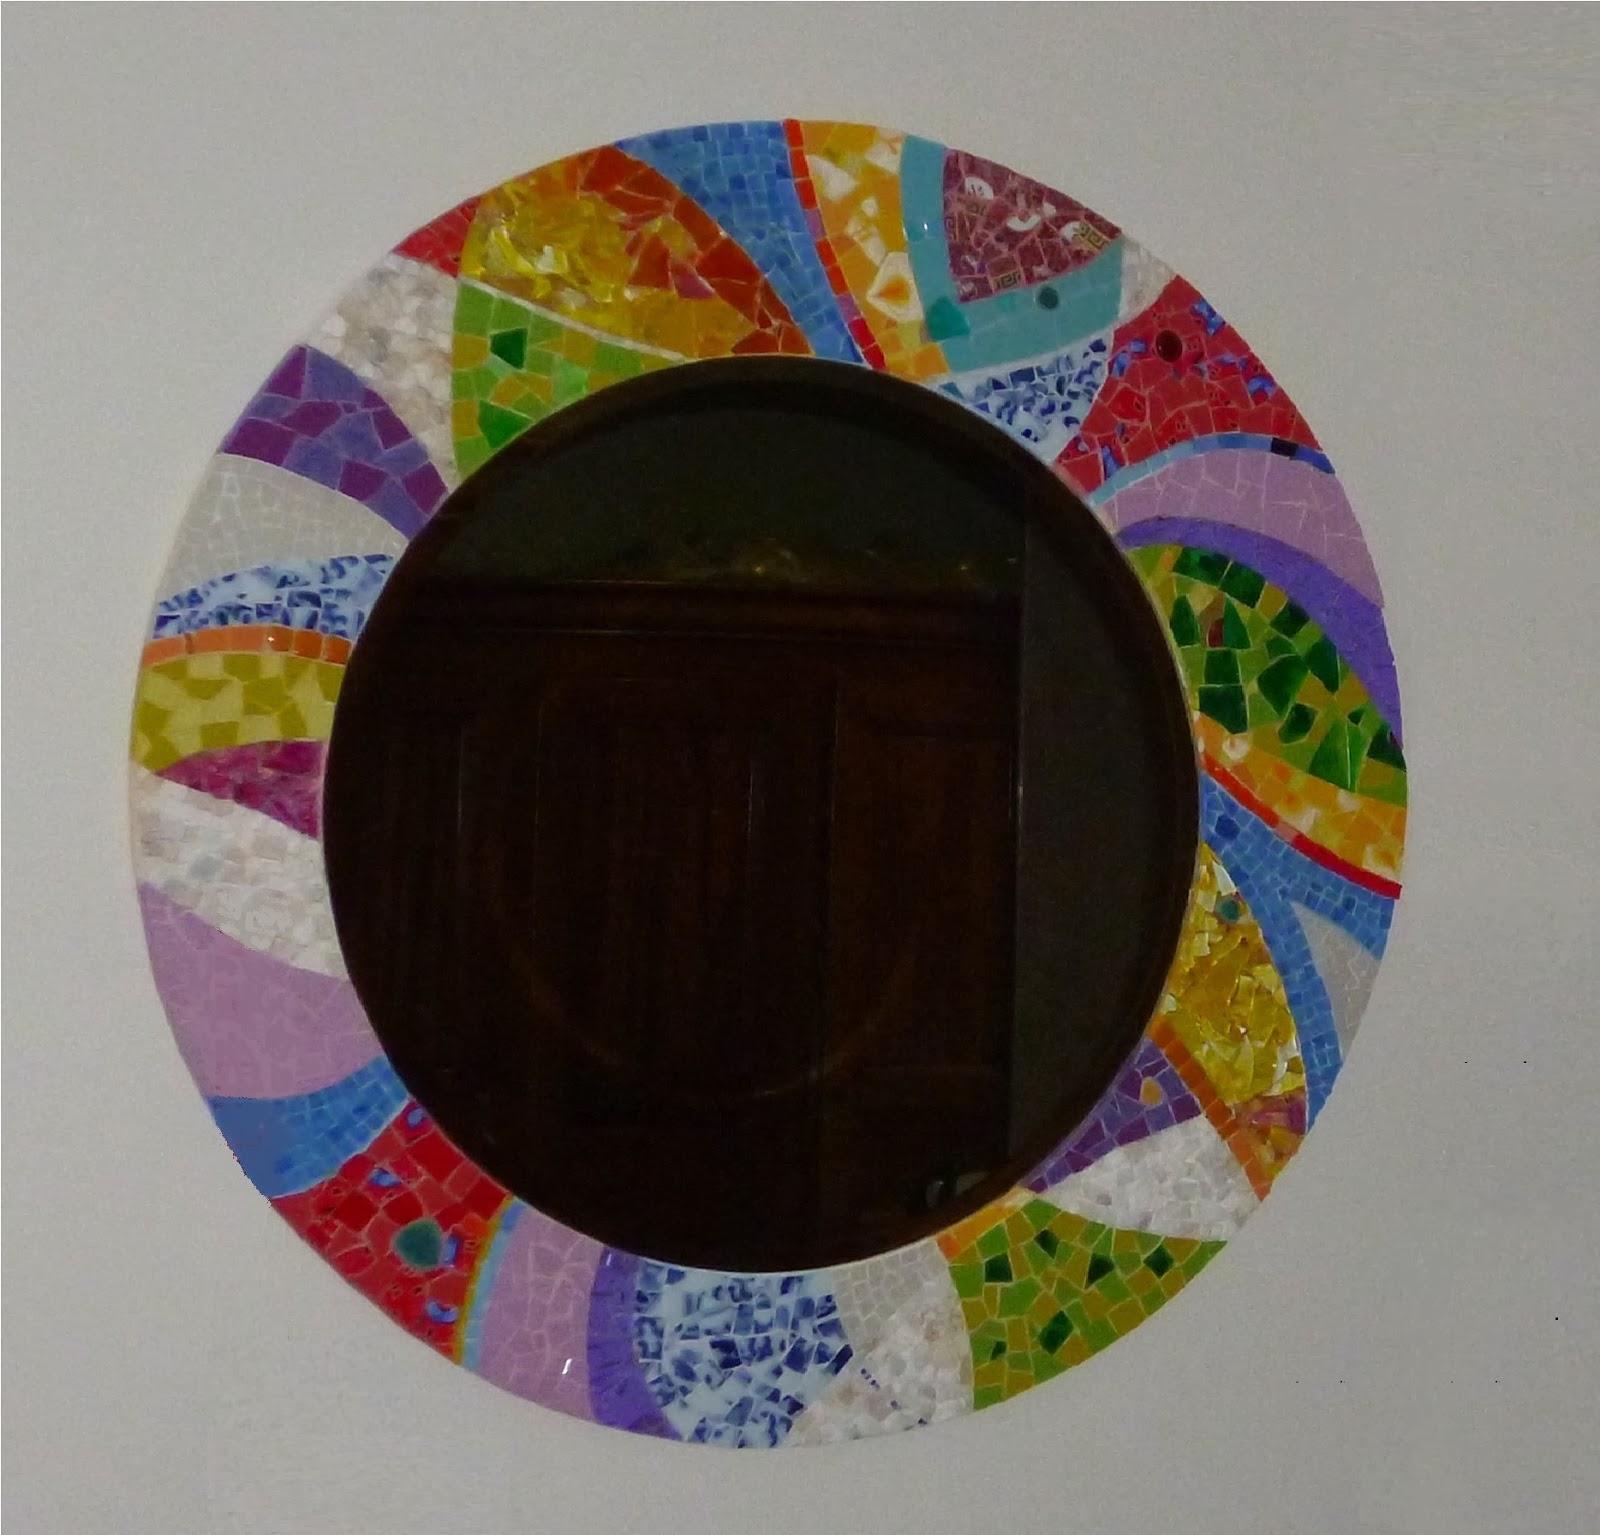 vente et création sur commande d'un miroir rond en mosaique style contemporain abstrait rouge vert bleu jaune pâte de verre tesselles marbre verre coloré smalt